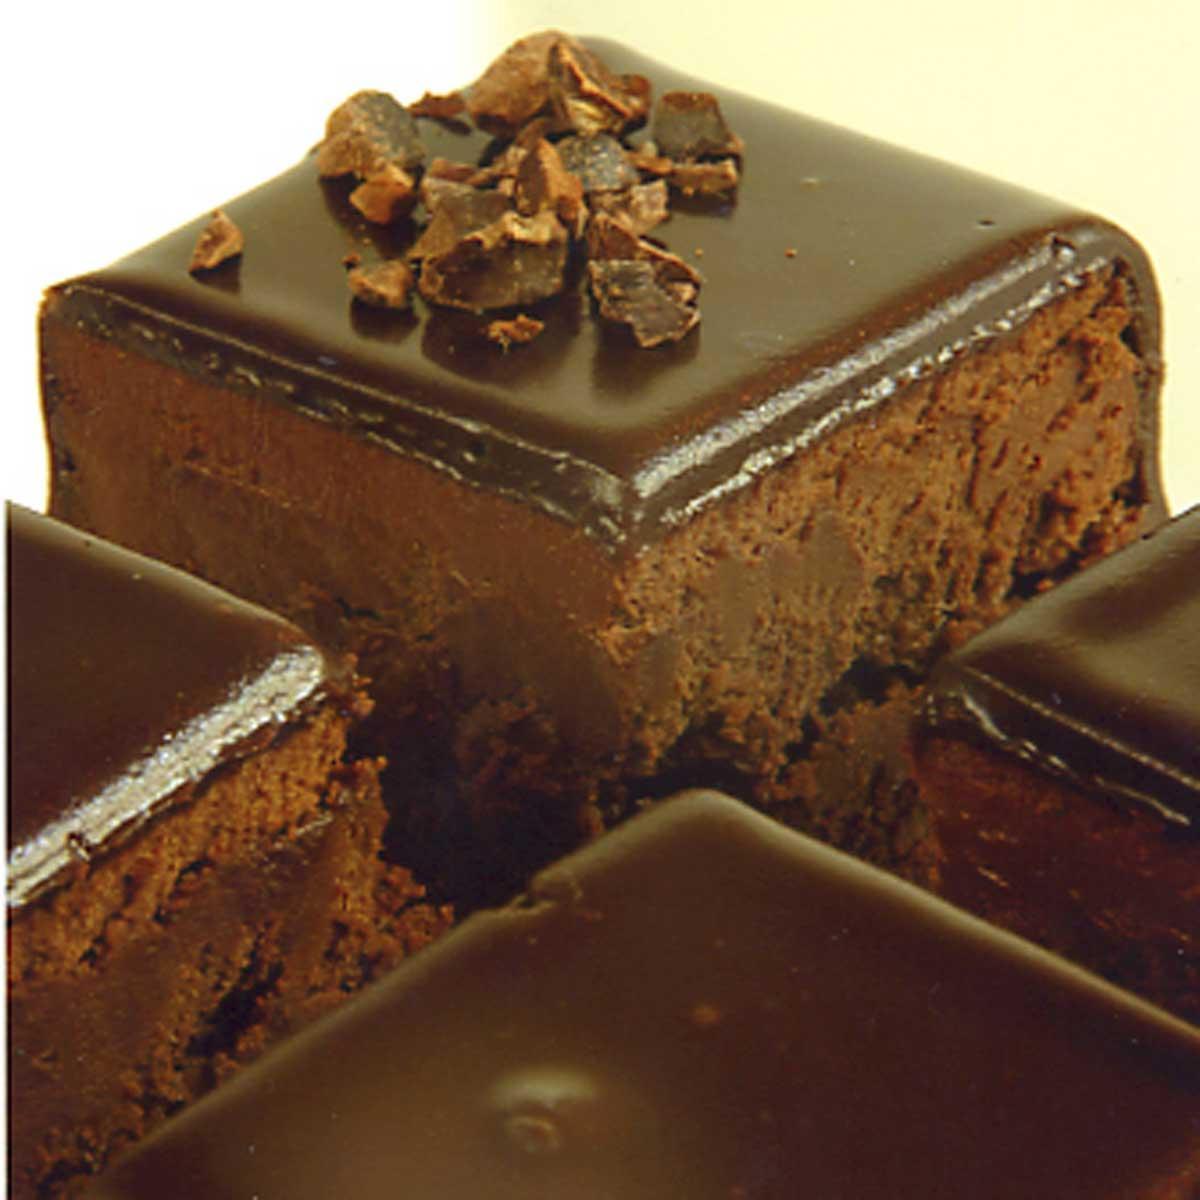 Recette le bélissaire (gâteau au chocolat) - Cuisine / Madame...